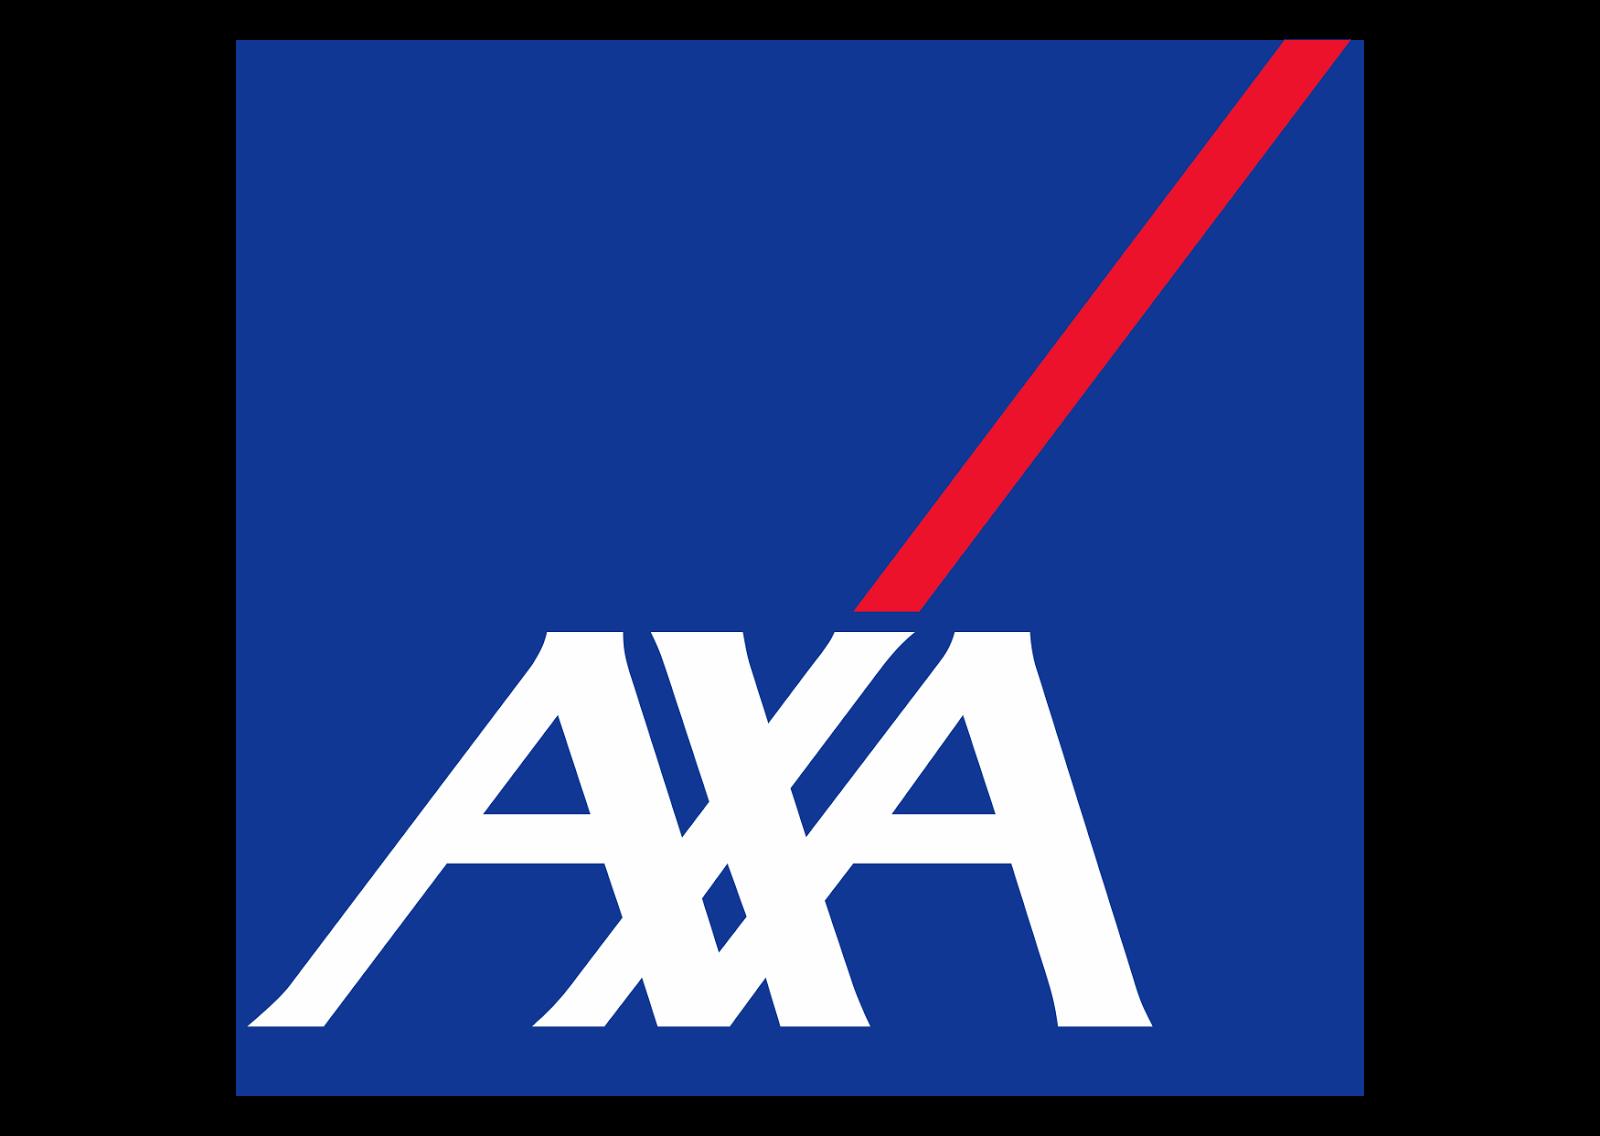 AXA Logo Wallpaper